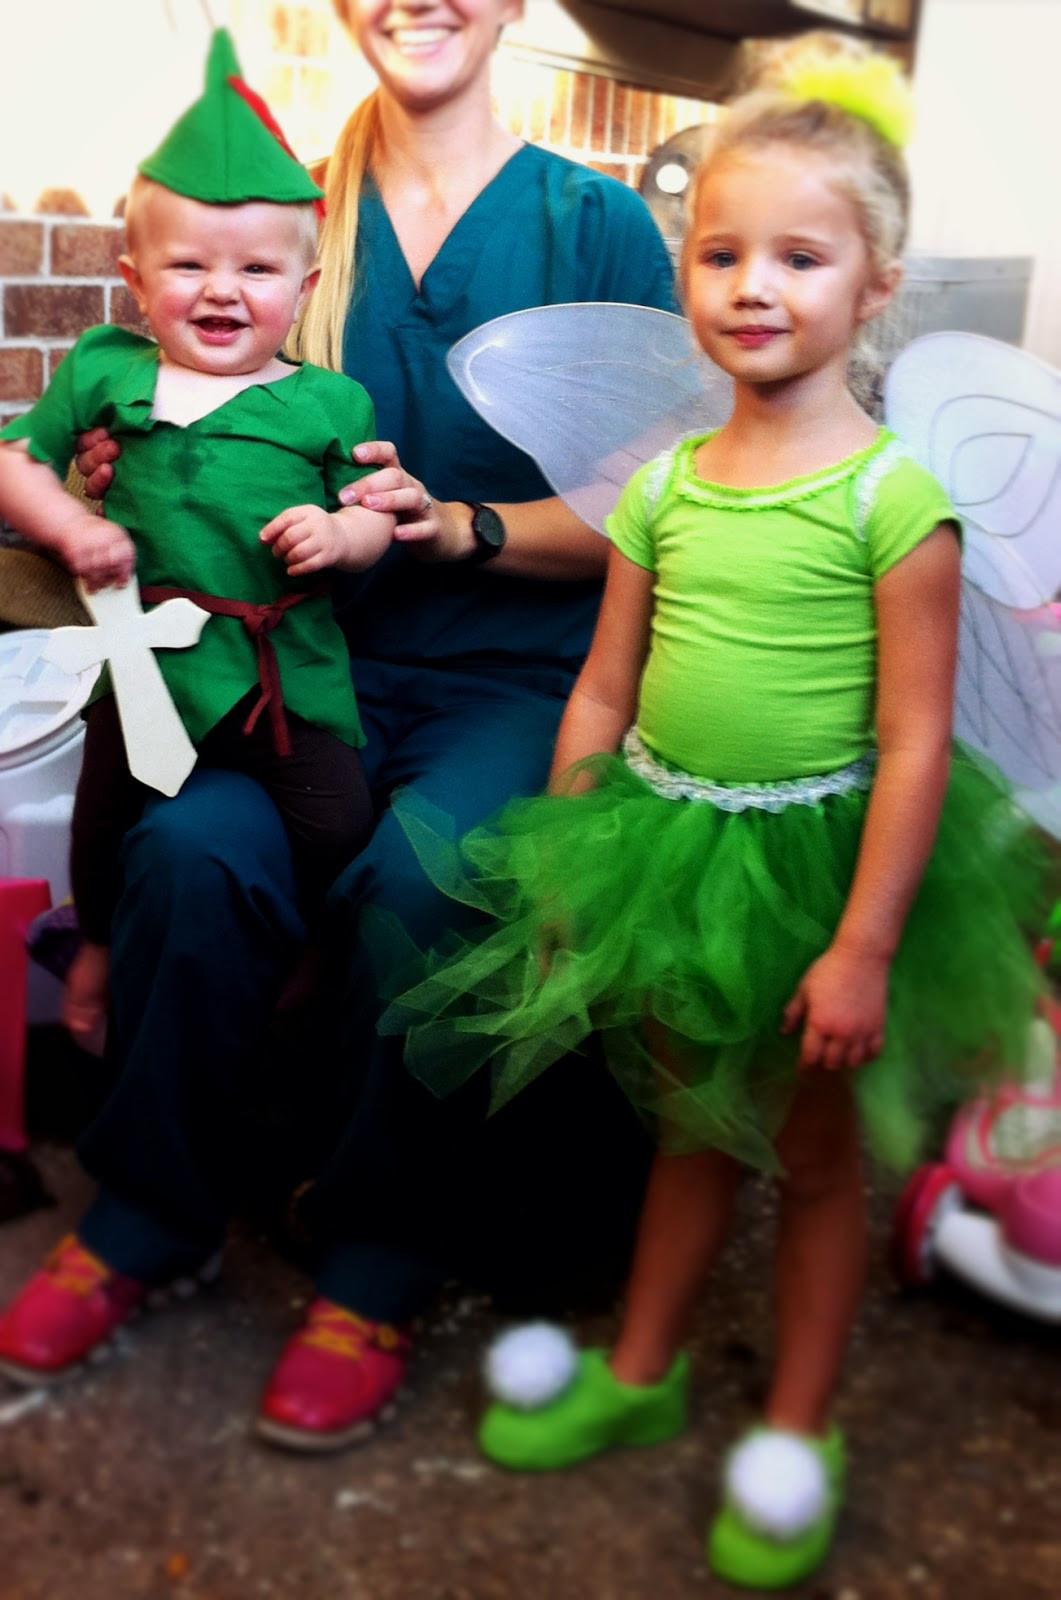 DIY Toddler Peter Pan Costume  LifeWithDaugs DIY Peter Pan and Tinkerbell Costumes